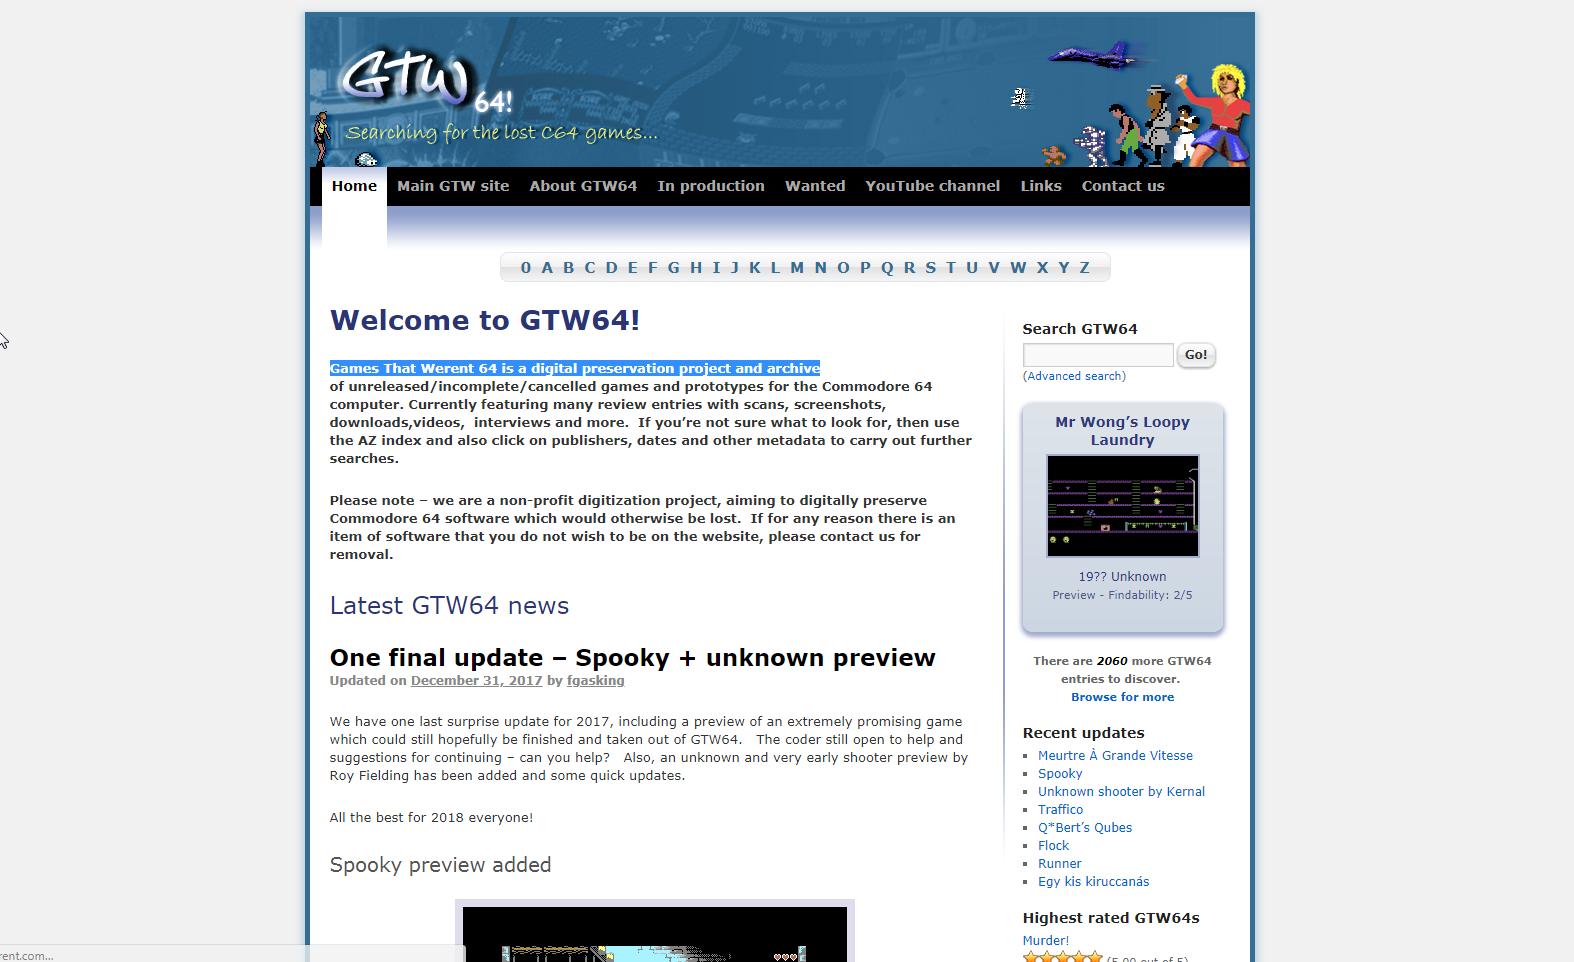 Screenshot of website GTW 64